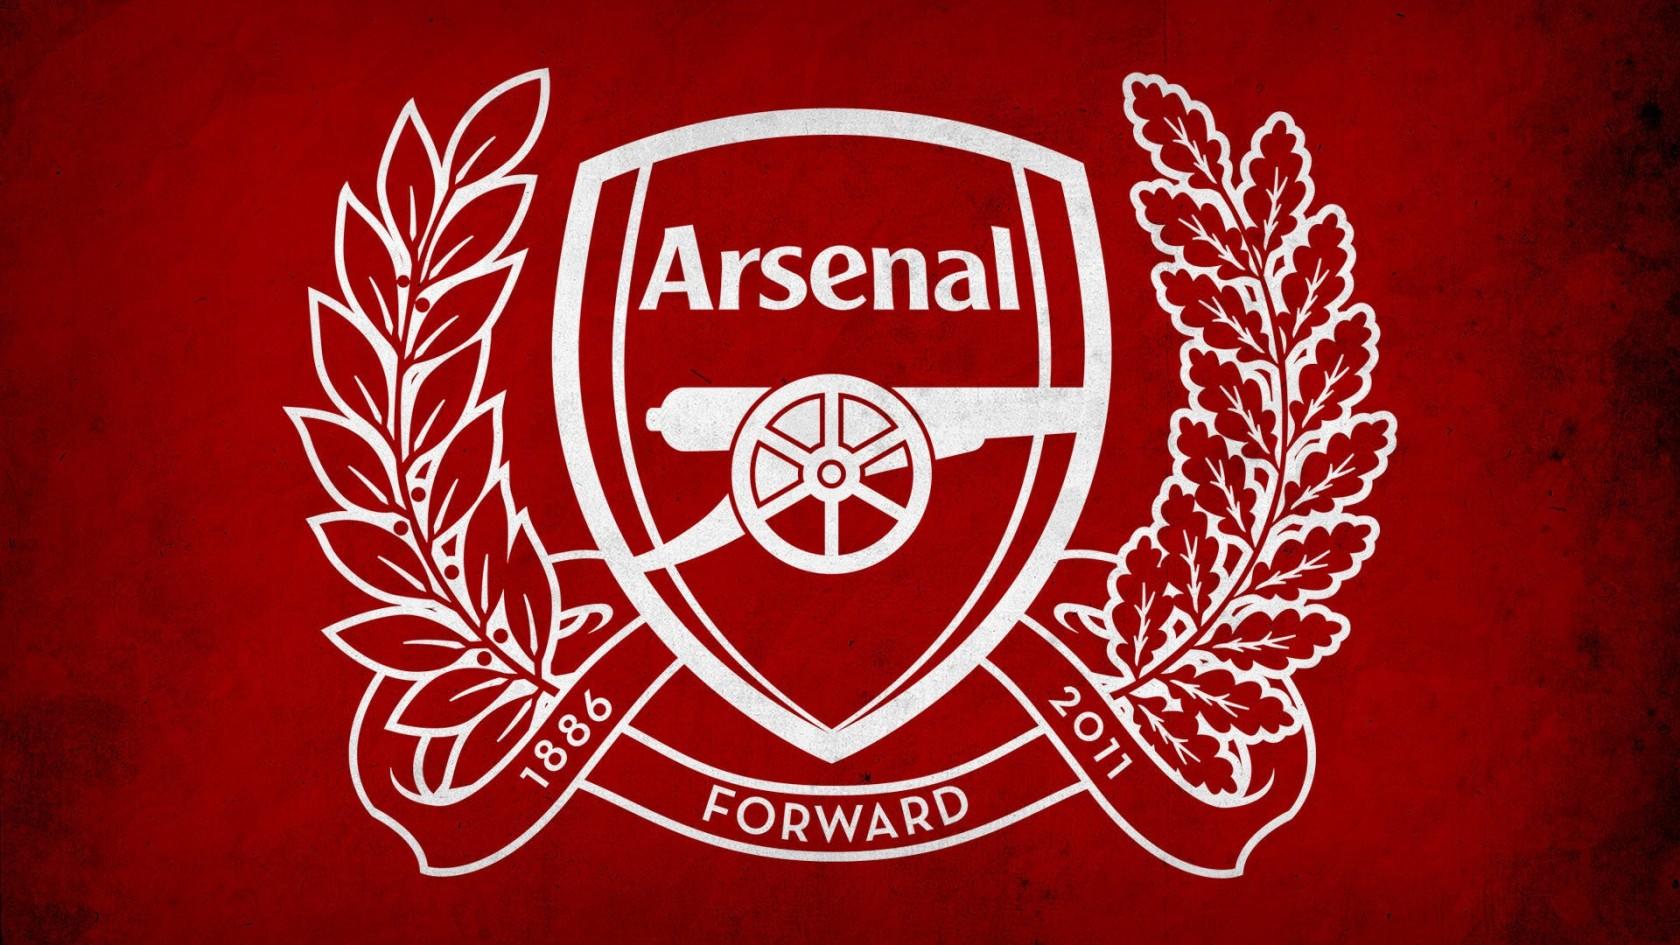 arsenal cannon logos